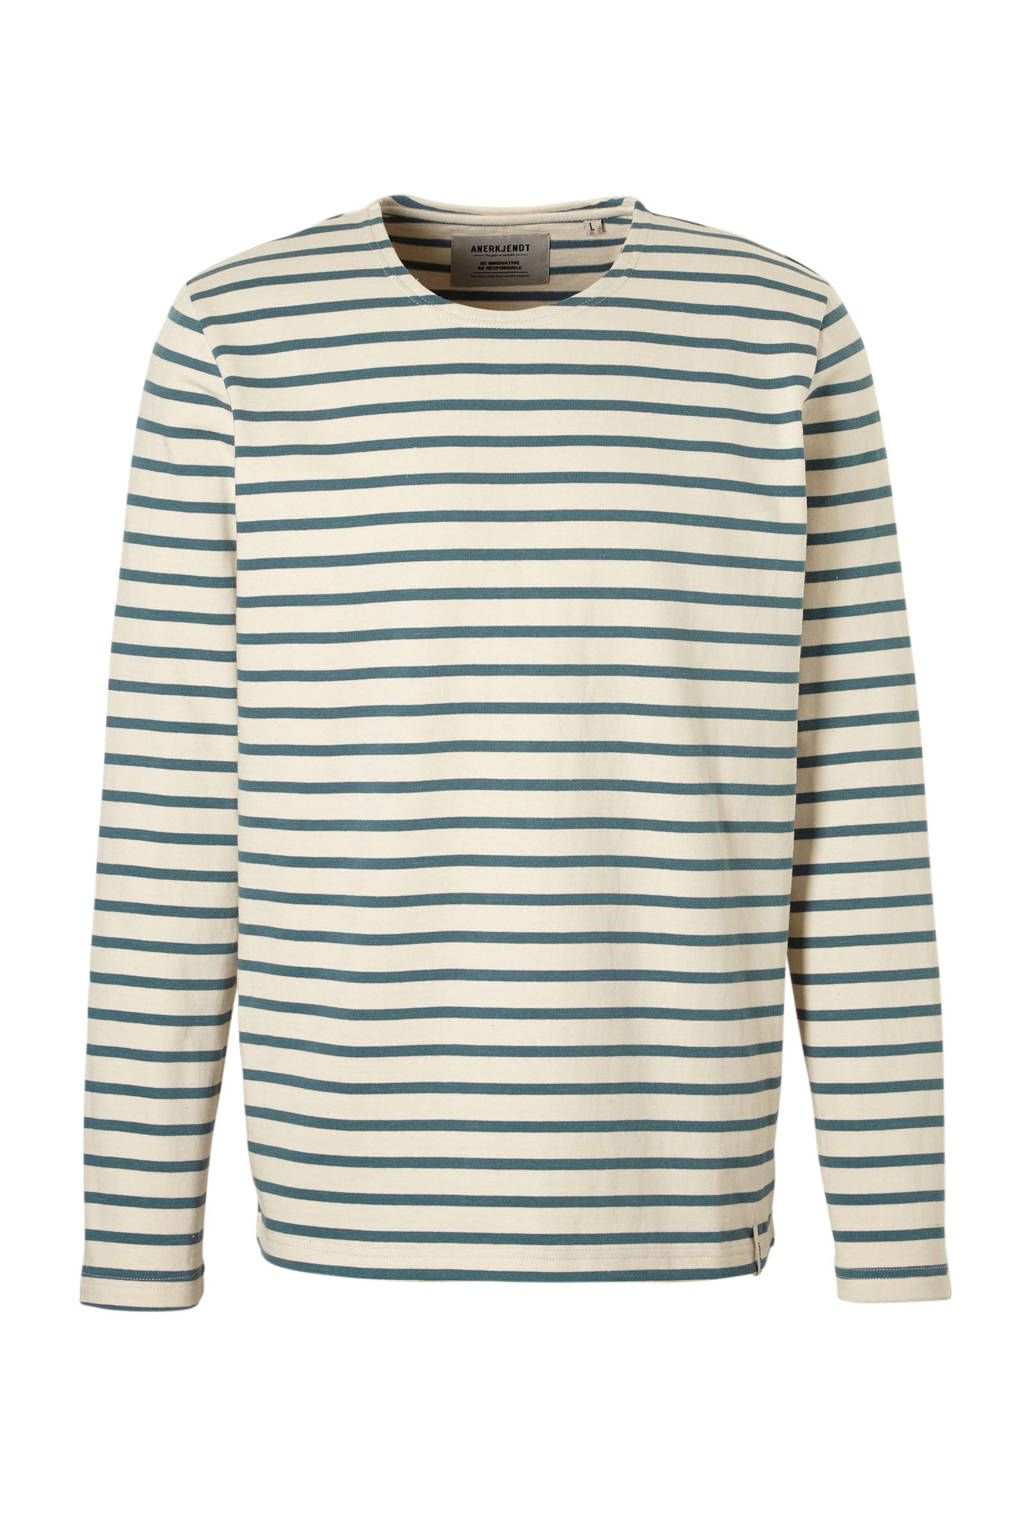 Anerkjendt Sweat stripe sweater blauw, blauw/ beige